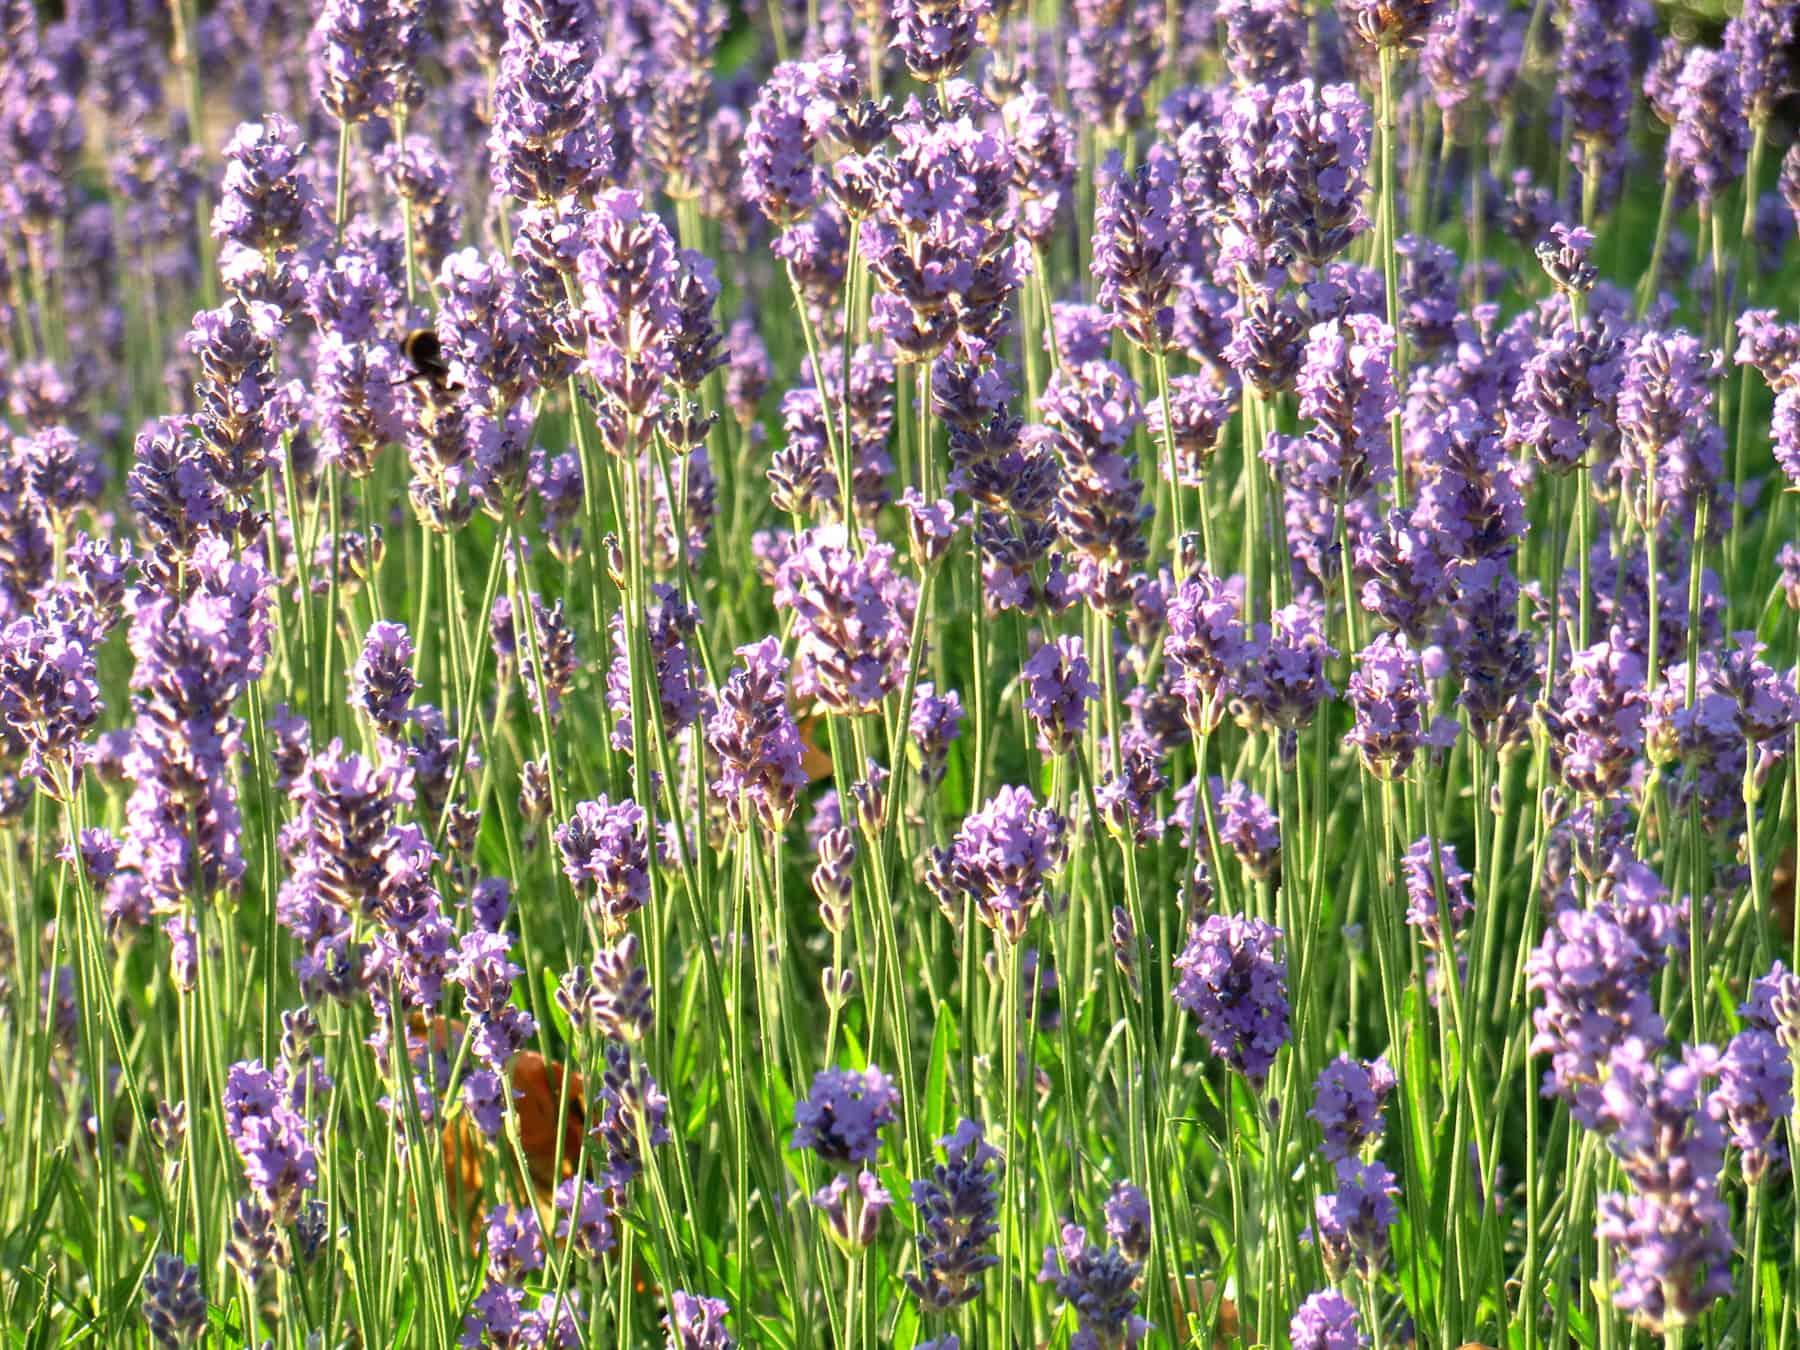 Lavendel im eigenen Garten anpflanzen